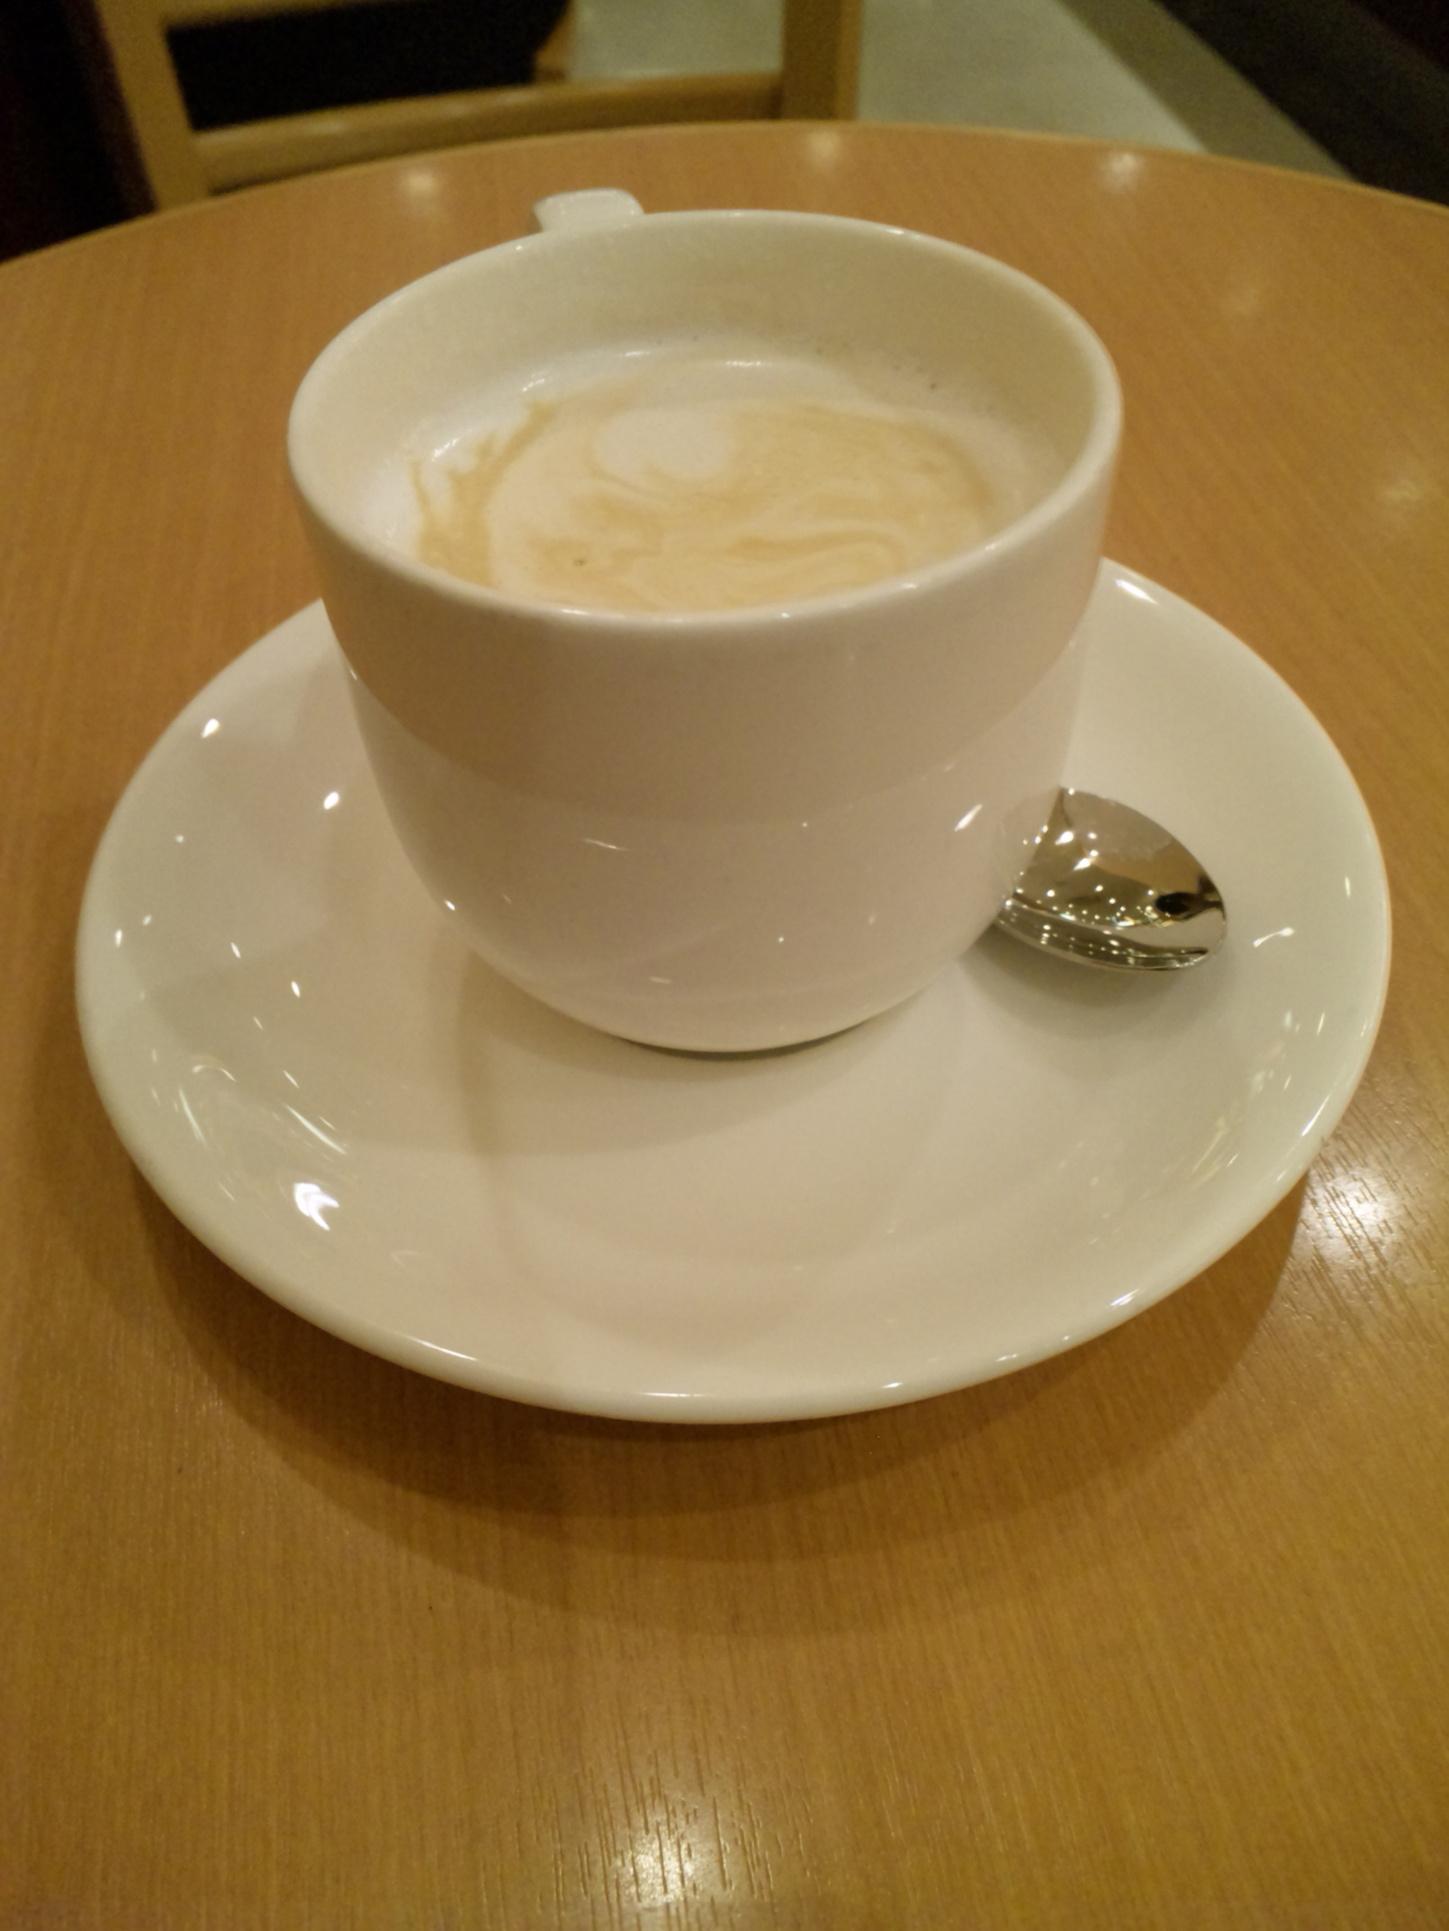 ドトールコーヒーショップ 名古屋広小路御園店